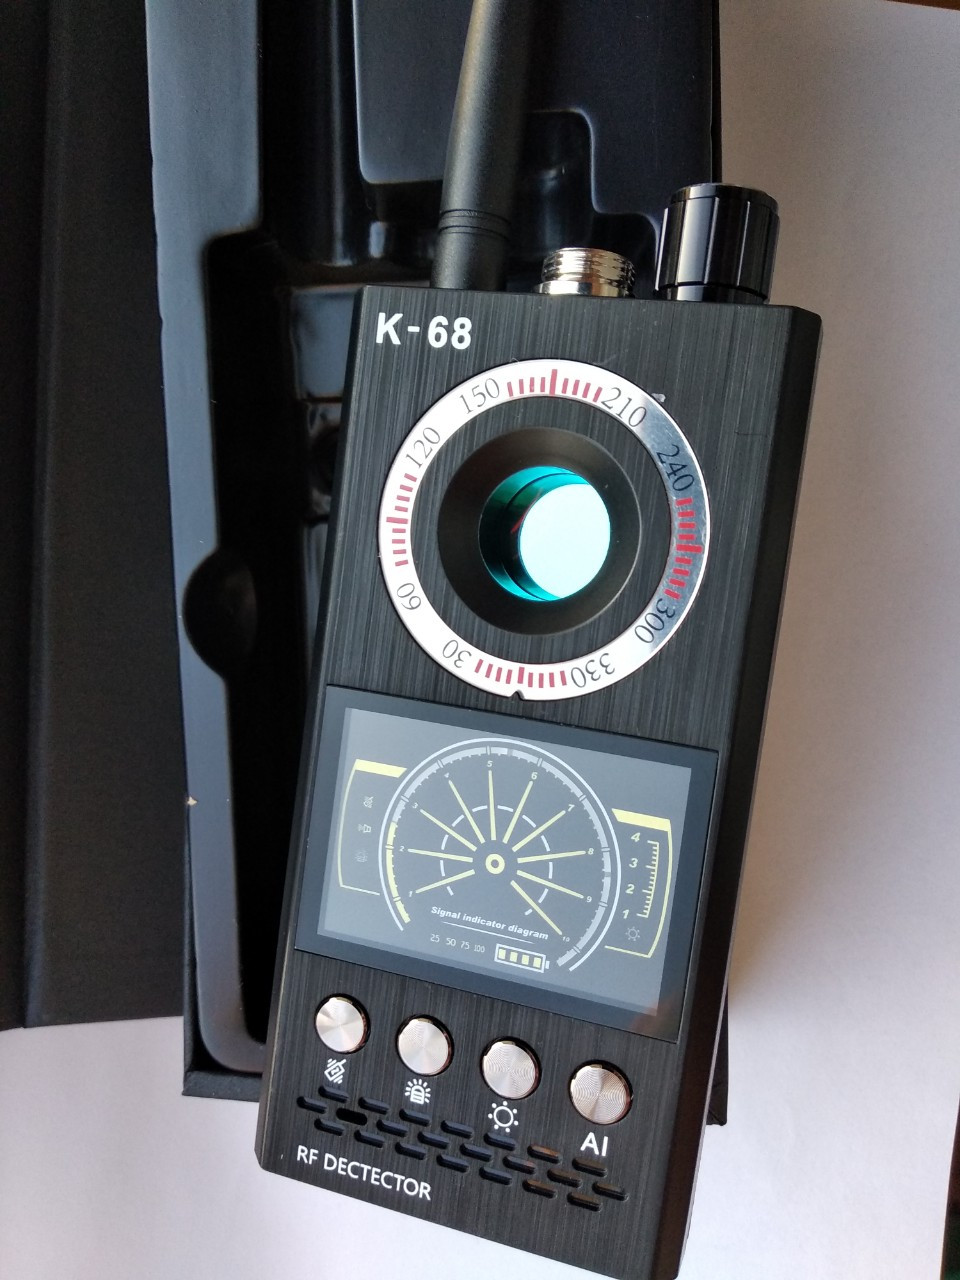 Детектор жучков GPS трекеров и скрытых видеокамер К68 (3 в 1!)